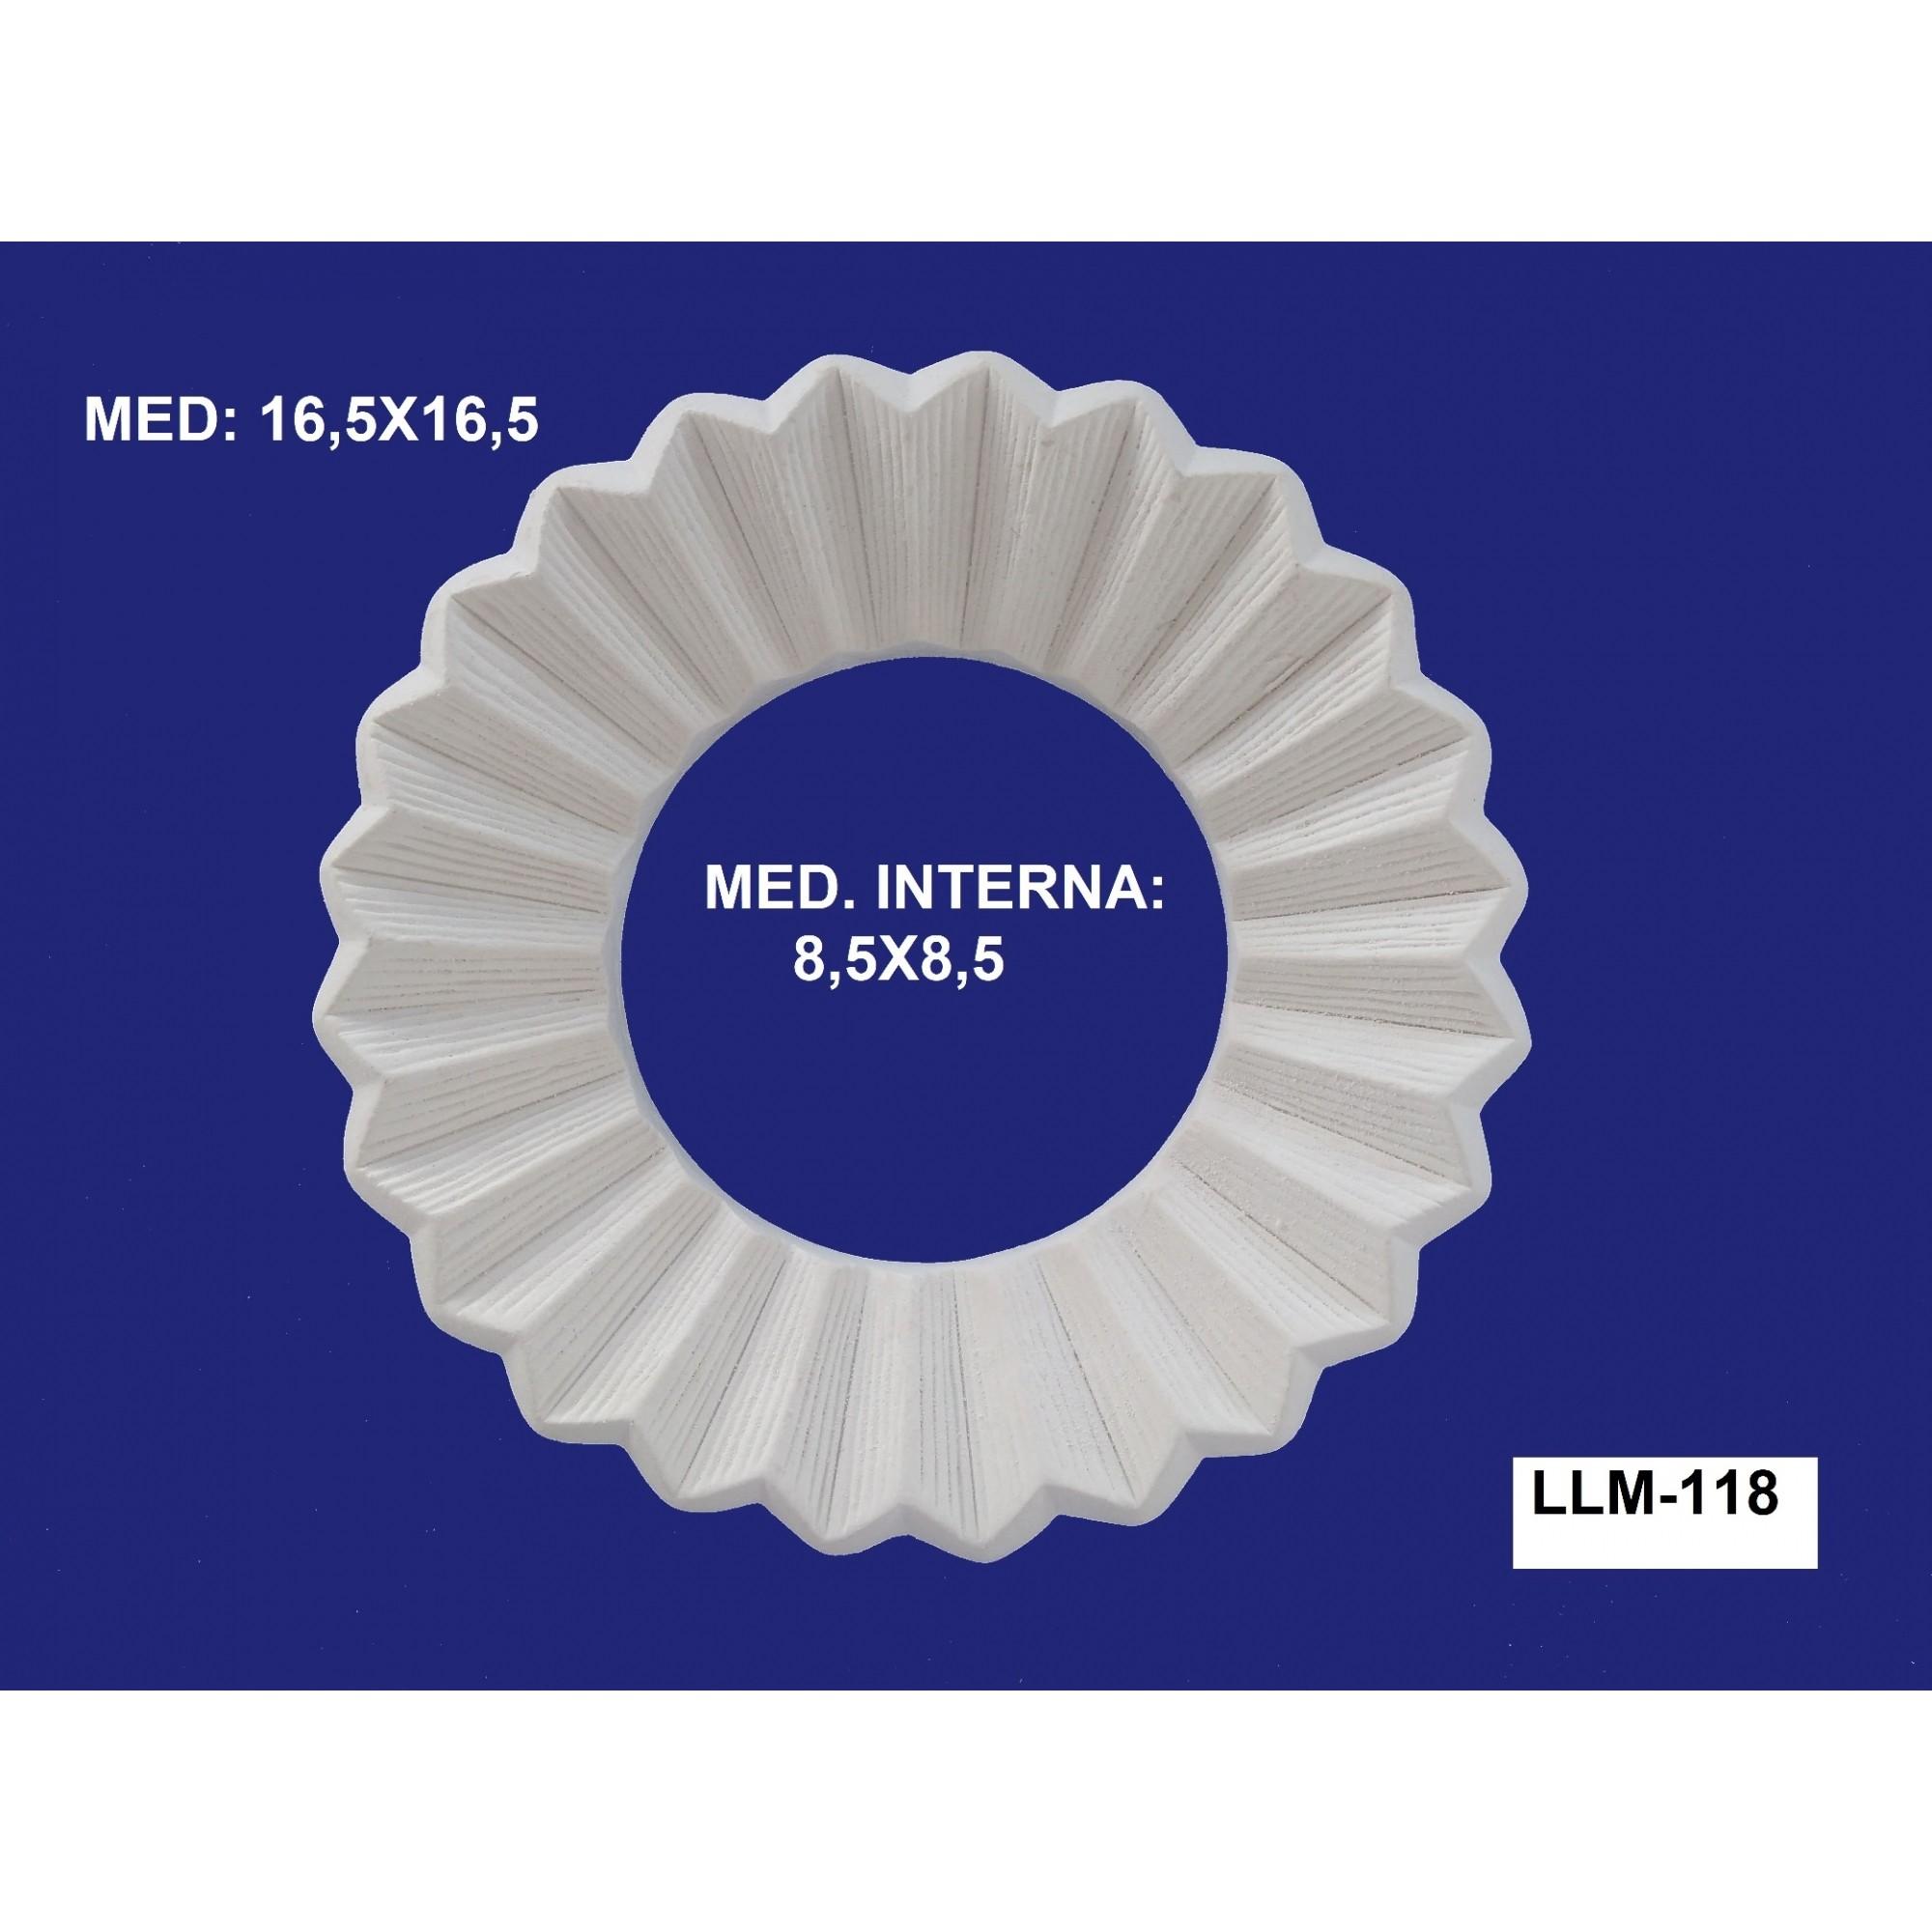 LLM-118 MOLDURA 16,5 X 16,5 INT:8,5 X8,5CM